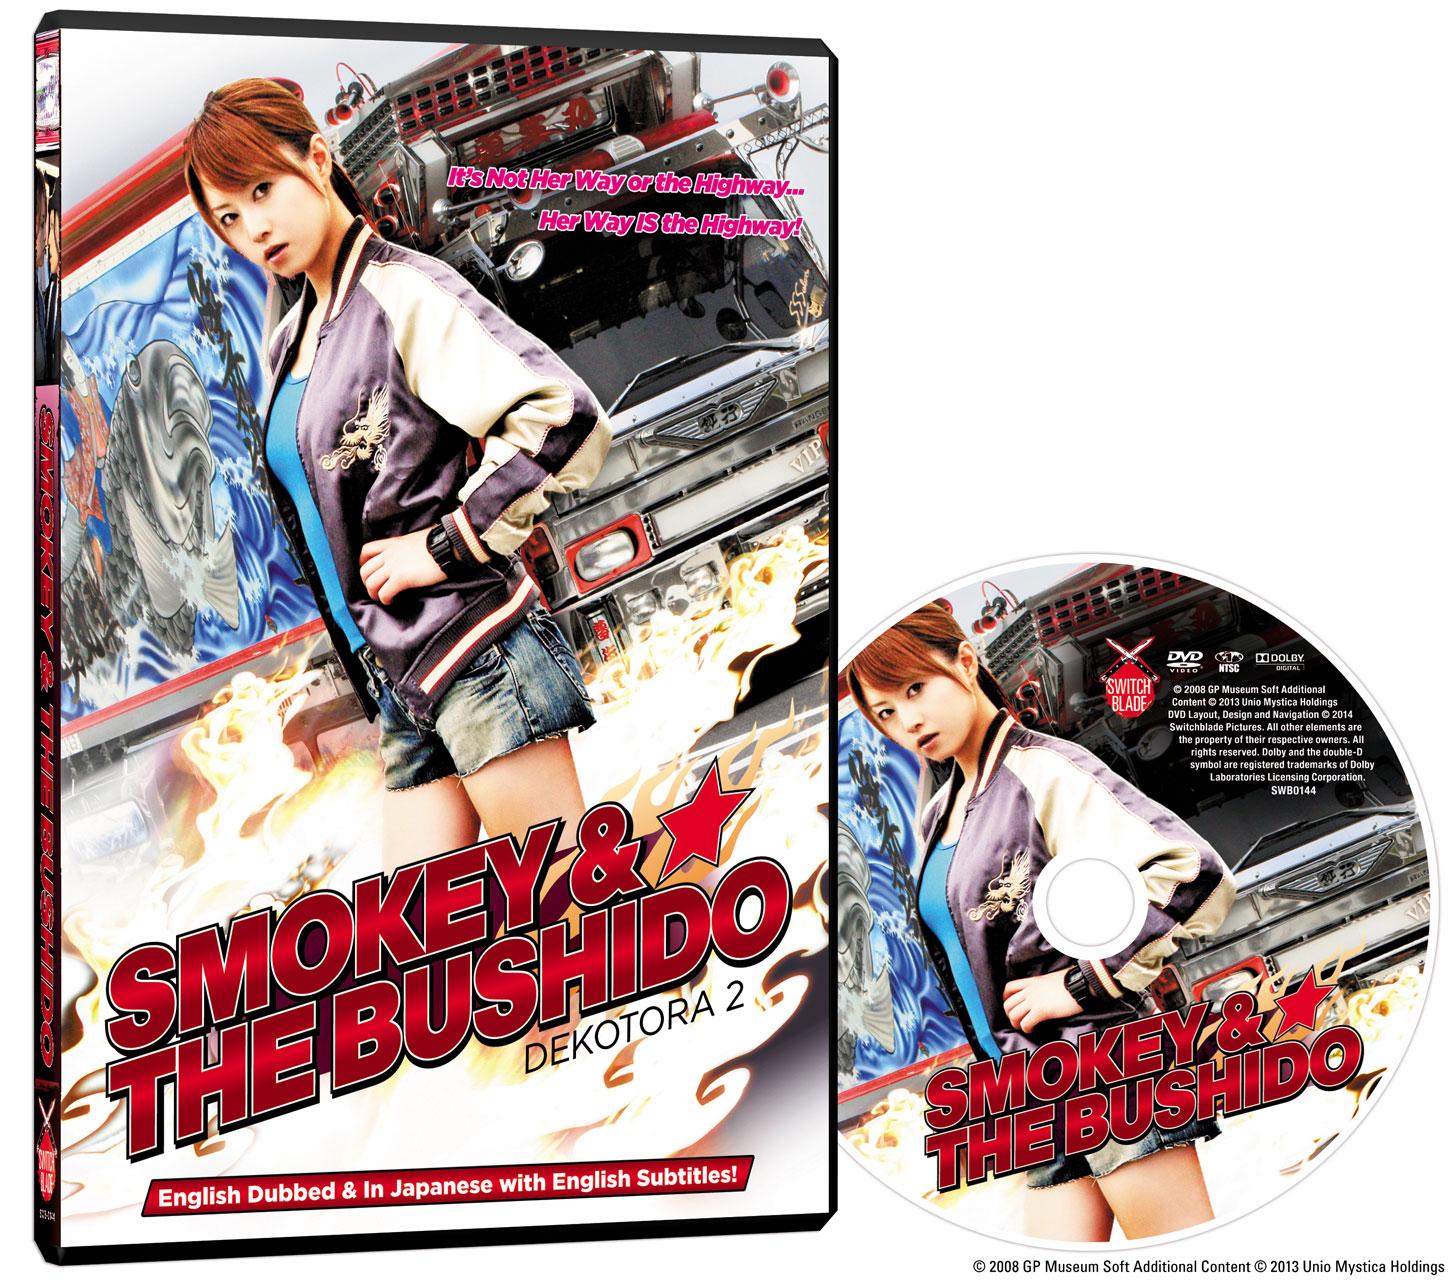 Smokey and the Bushido Dekotora 2 DVD